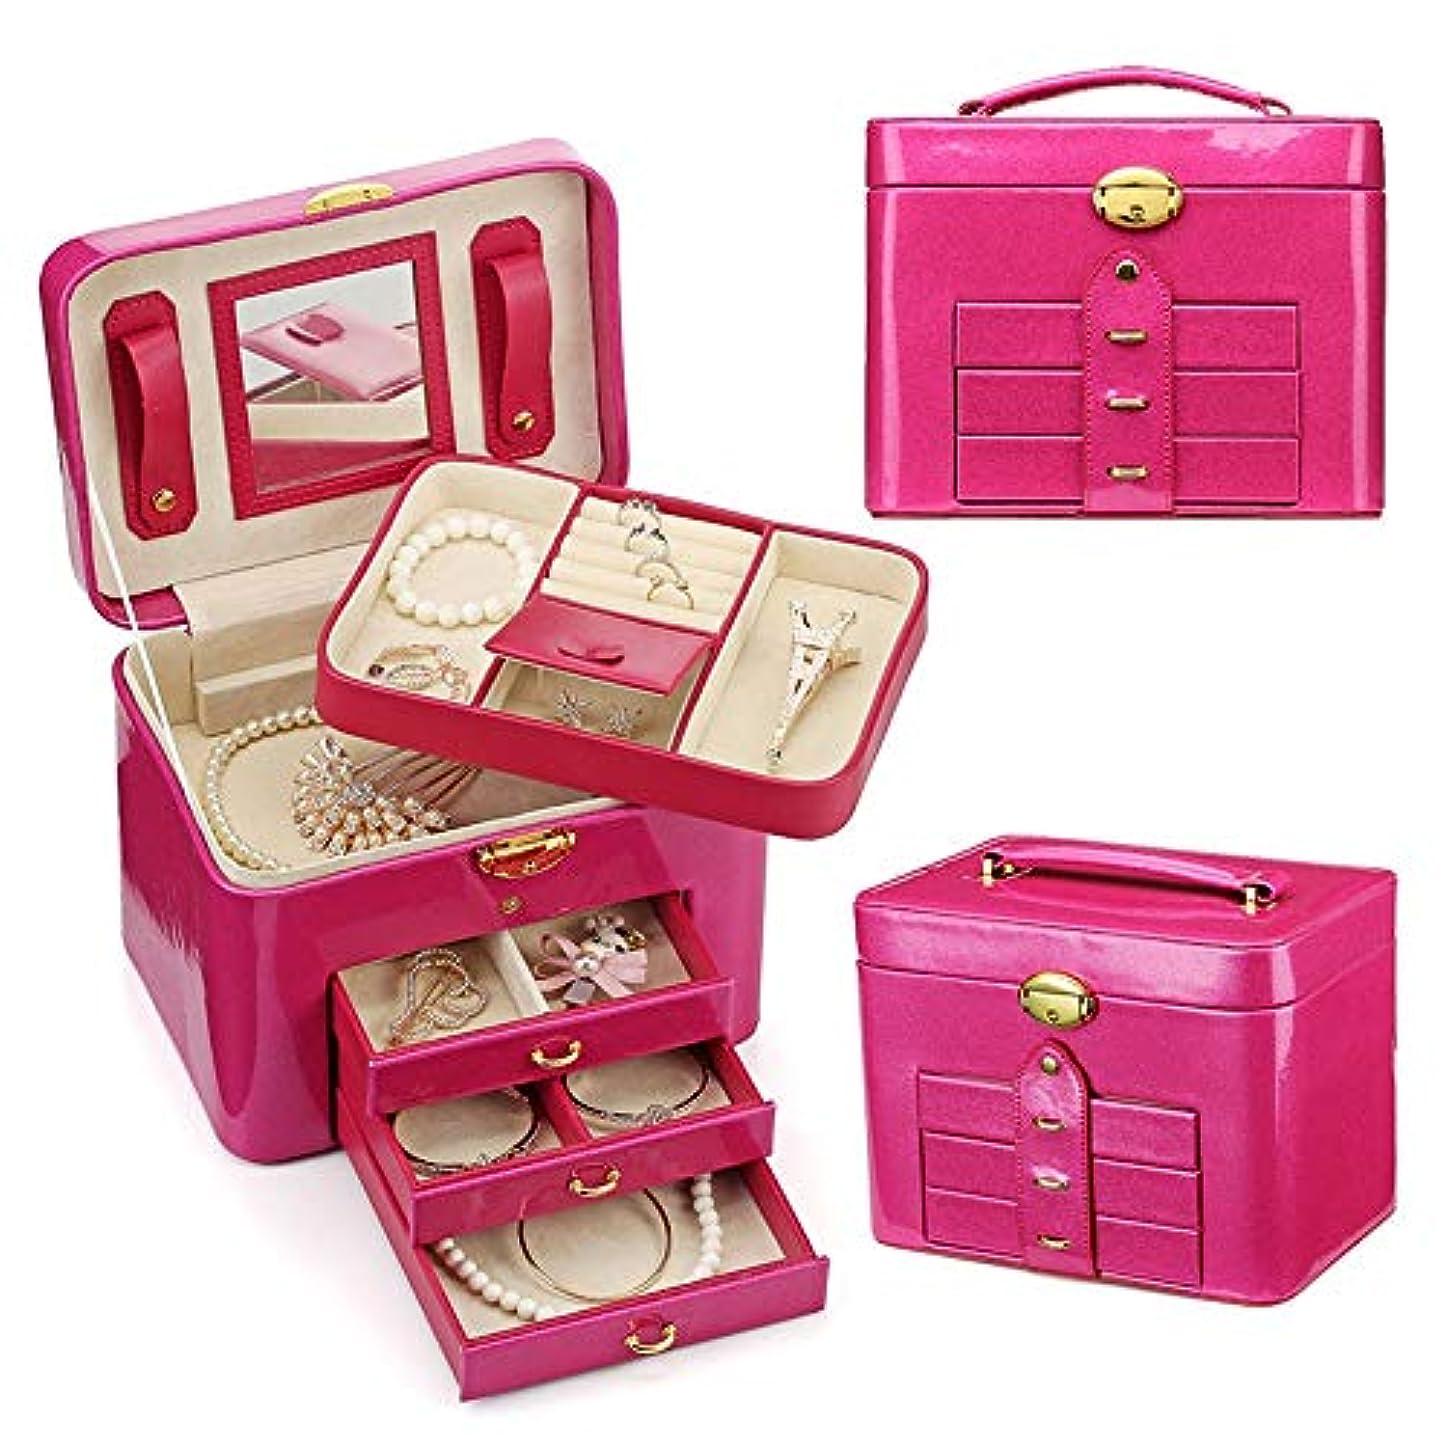 電子レンジ部分恵み化粧オーガナイザーバッグ 多層の引き出し女性の宝石の収納箱小物のストレージのための 化粧品ケース (色 : ローズレッド)